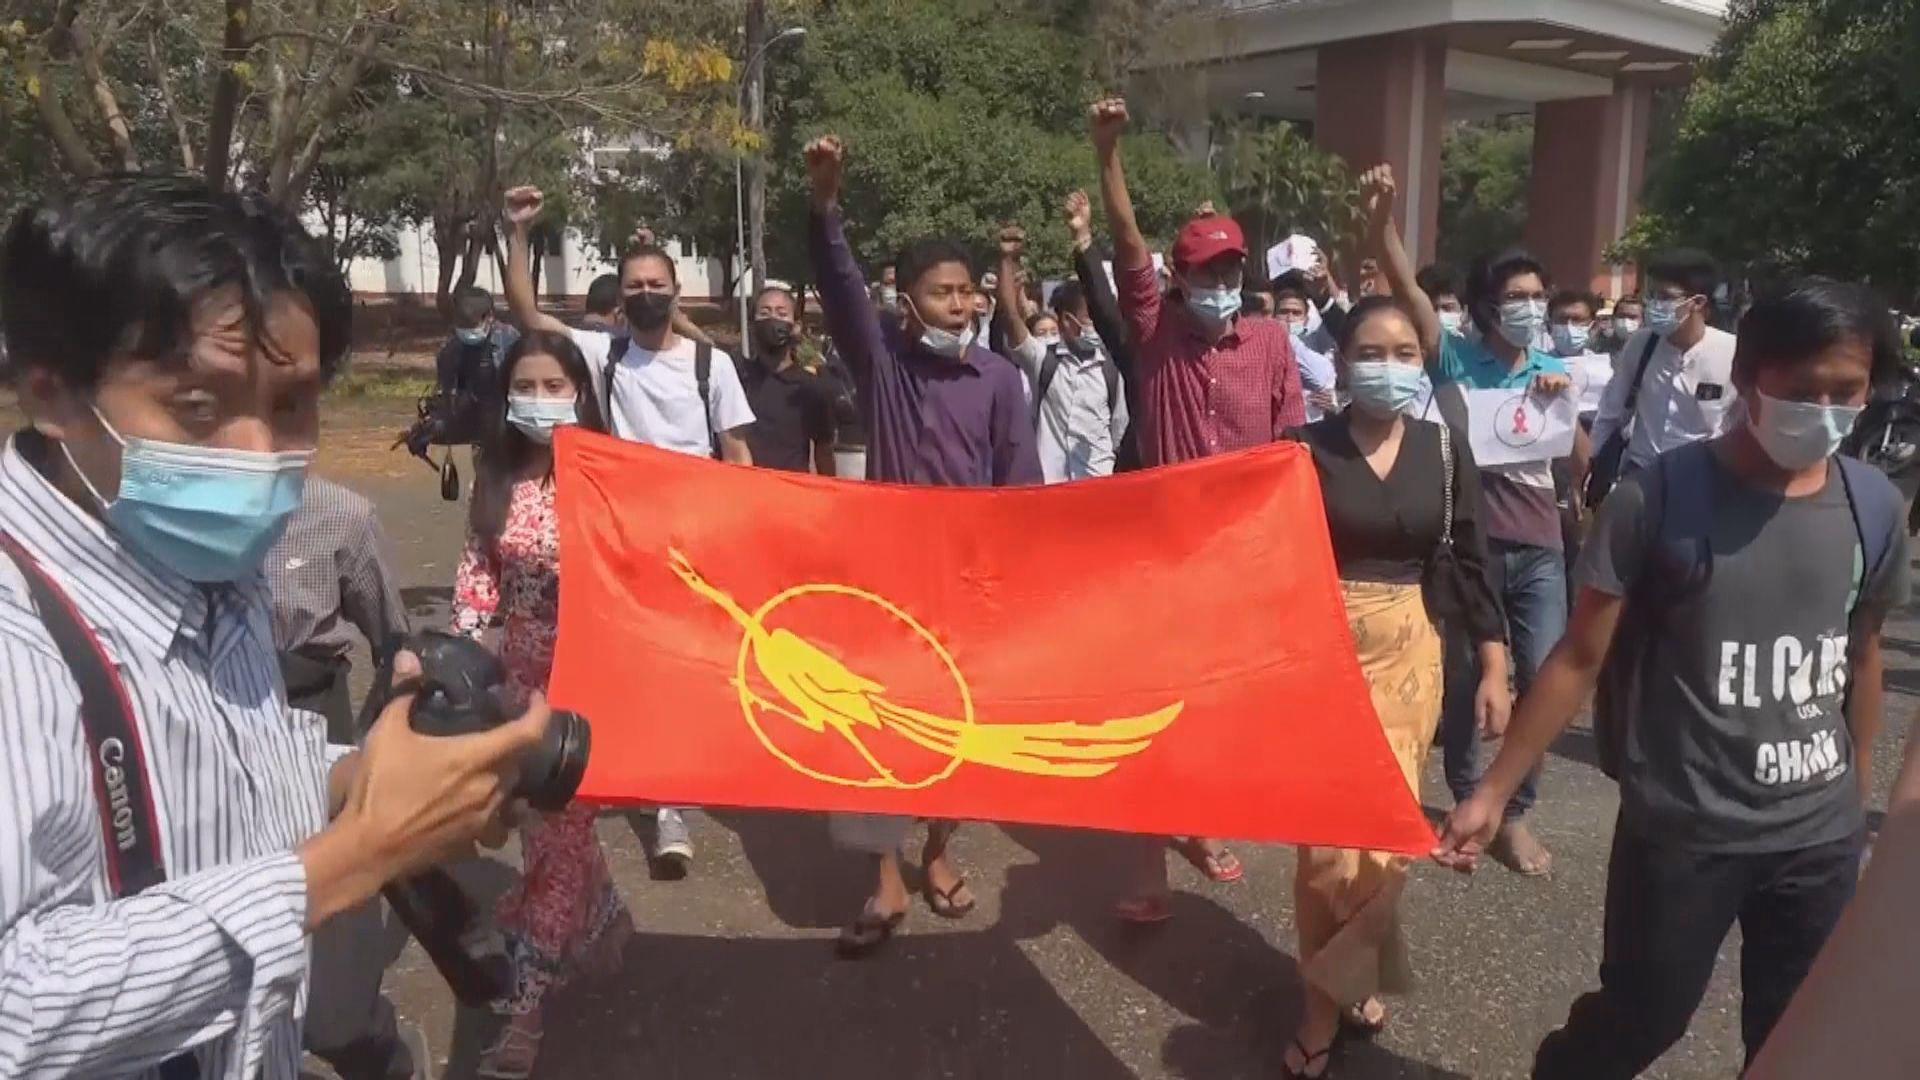 緬甸再有執政黨高層被捕 仰光師生響應公民抗命運動